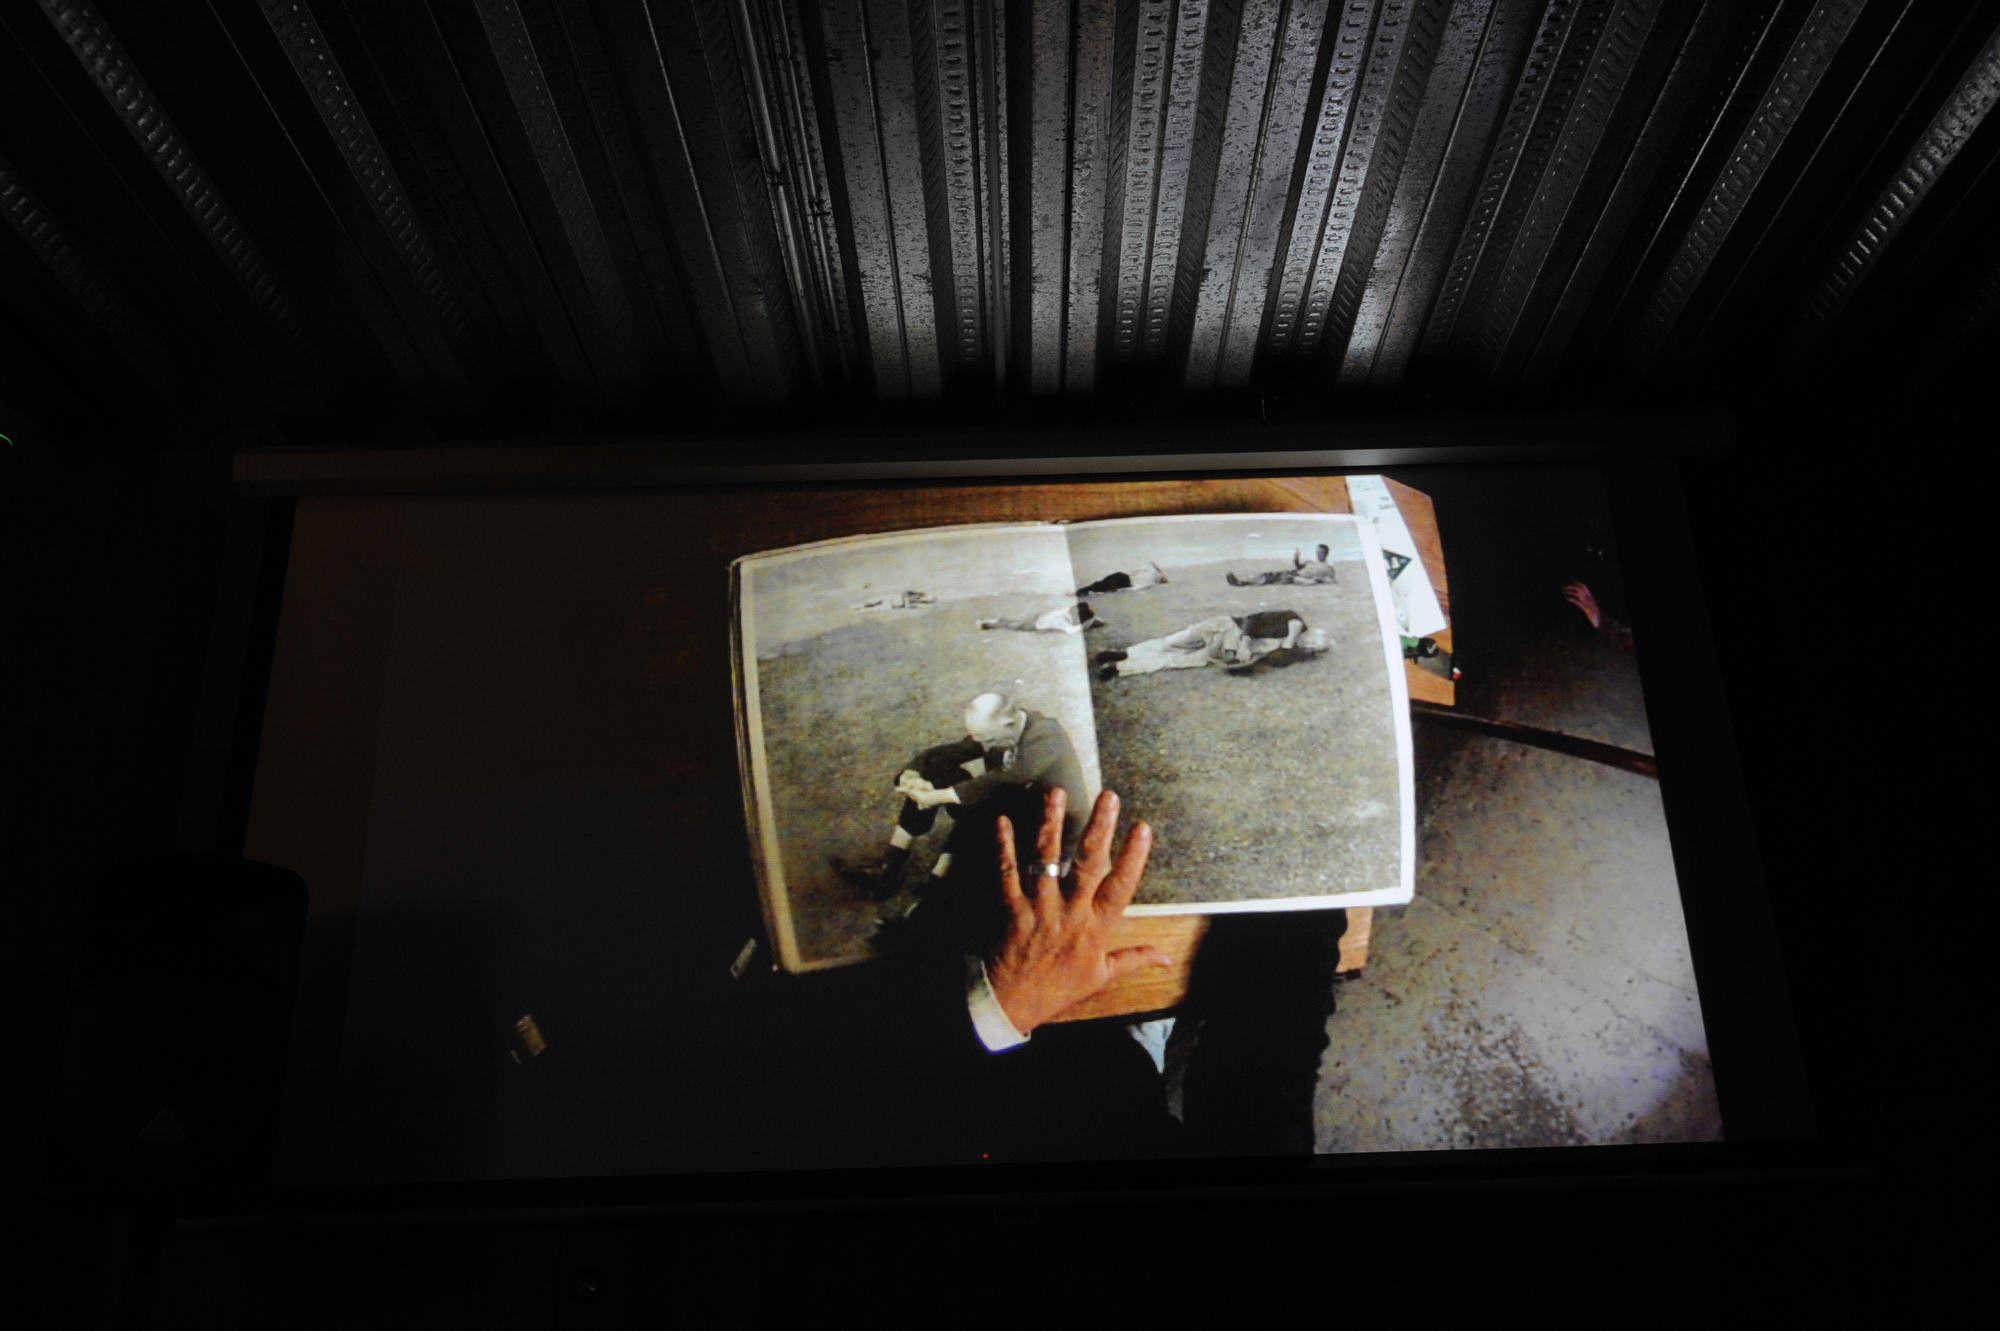 Luis Poirot participa en Díalogos Fotográficos en el Restaurant El Internado en el marco de la 7ª edición del Festival Internacional de Fotografía en Valparaíso, FIFV 2016. ©Víctor Ruiz Caballero